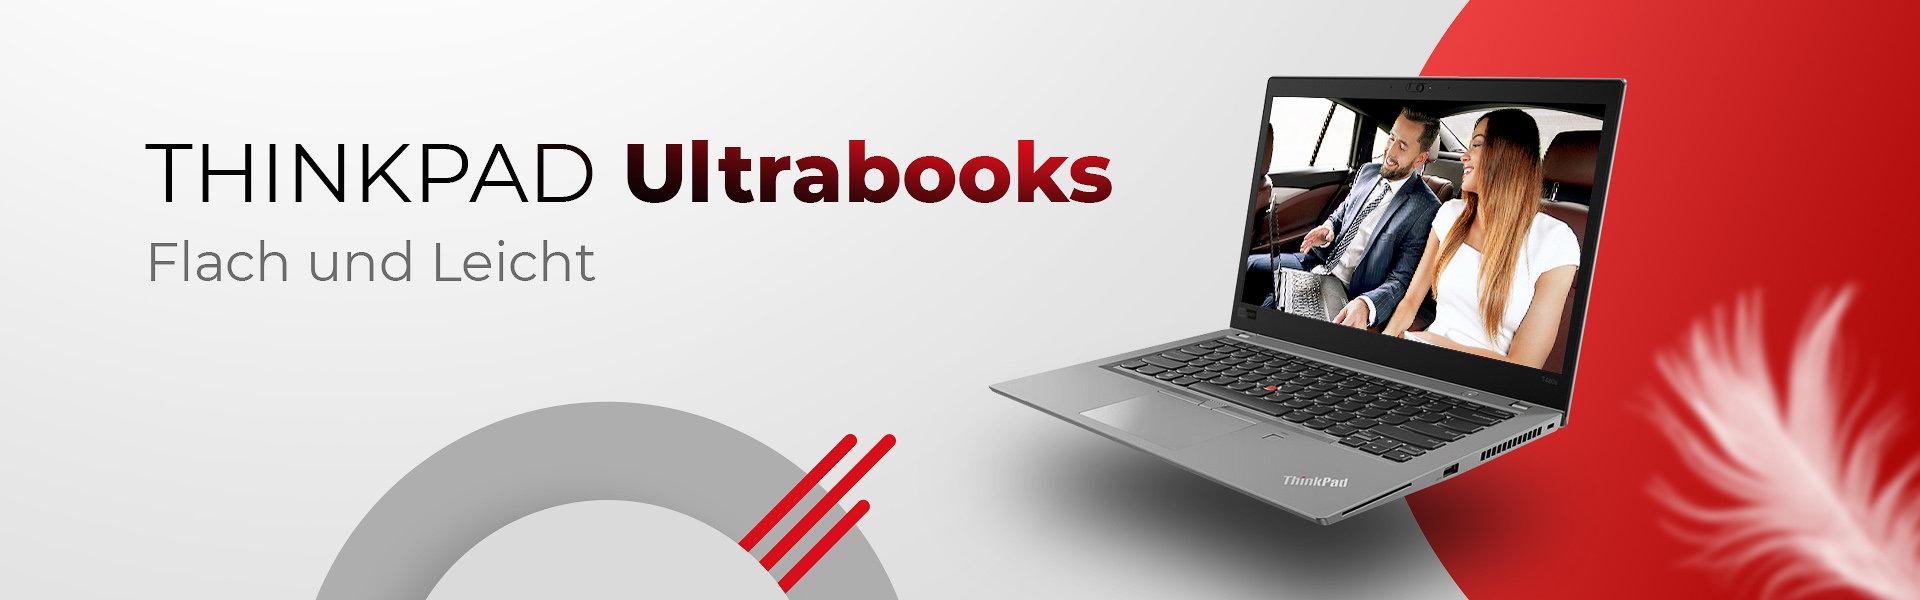 ThinkPad Ultrabooks - flach und leicht